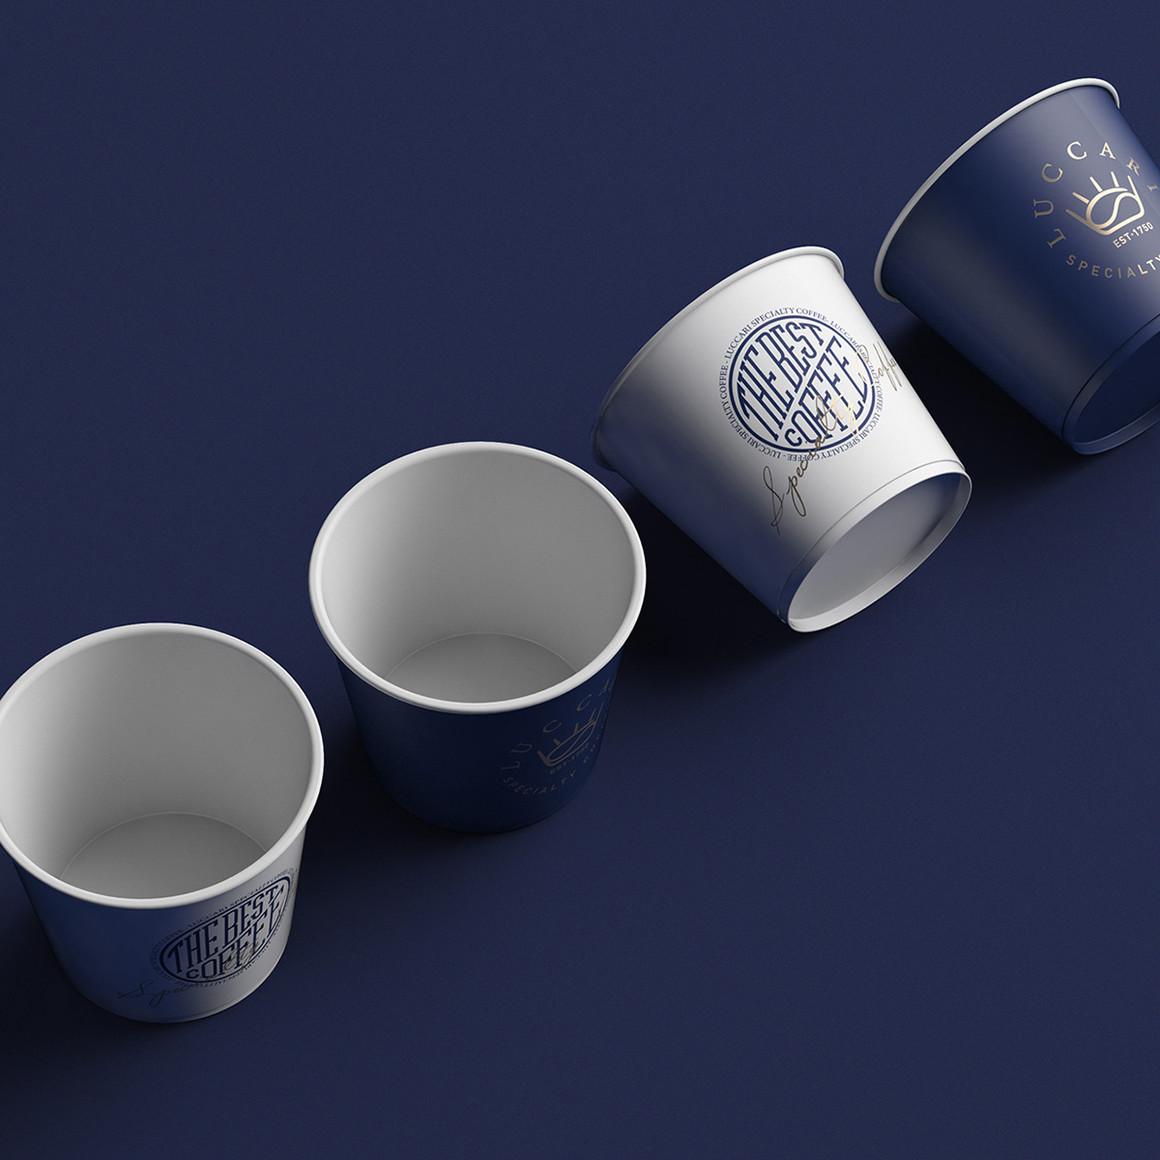 皇室咖啡特色标识品牌视觉设计